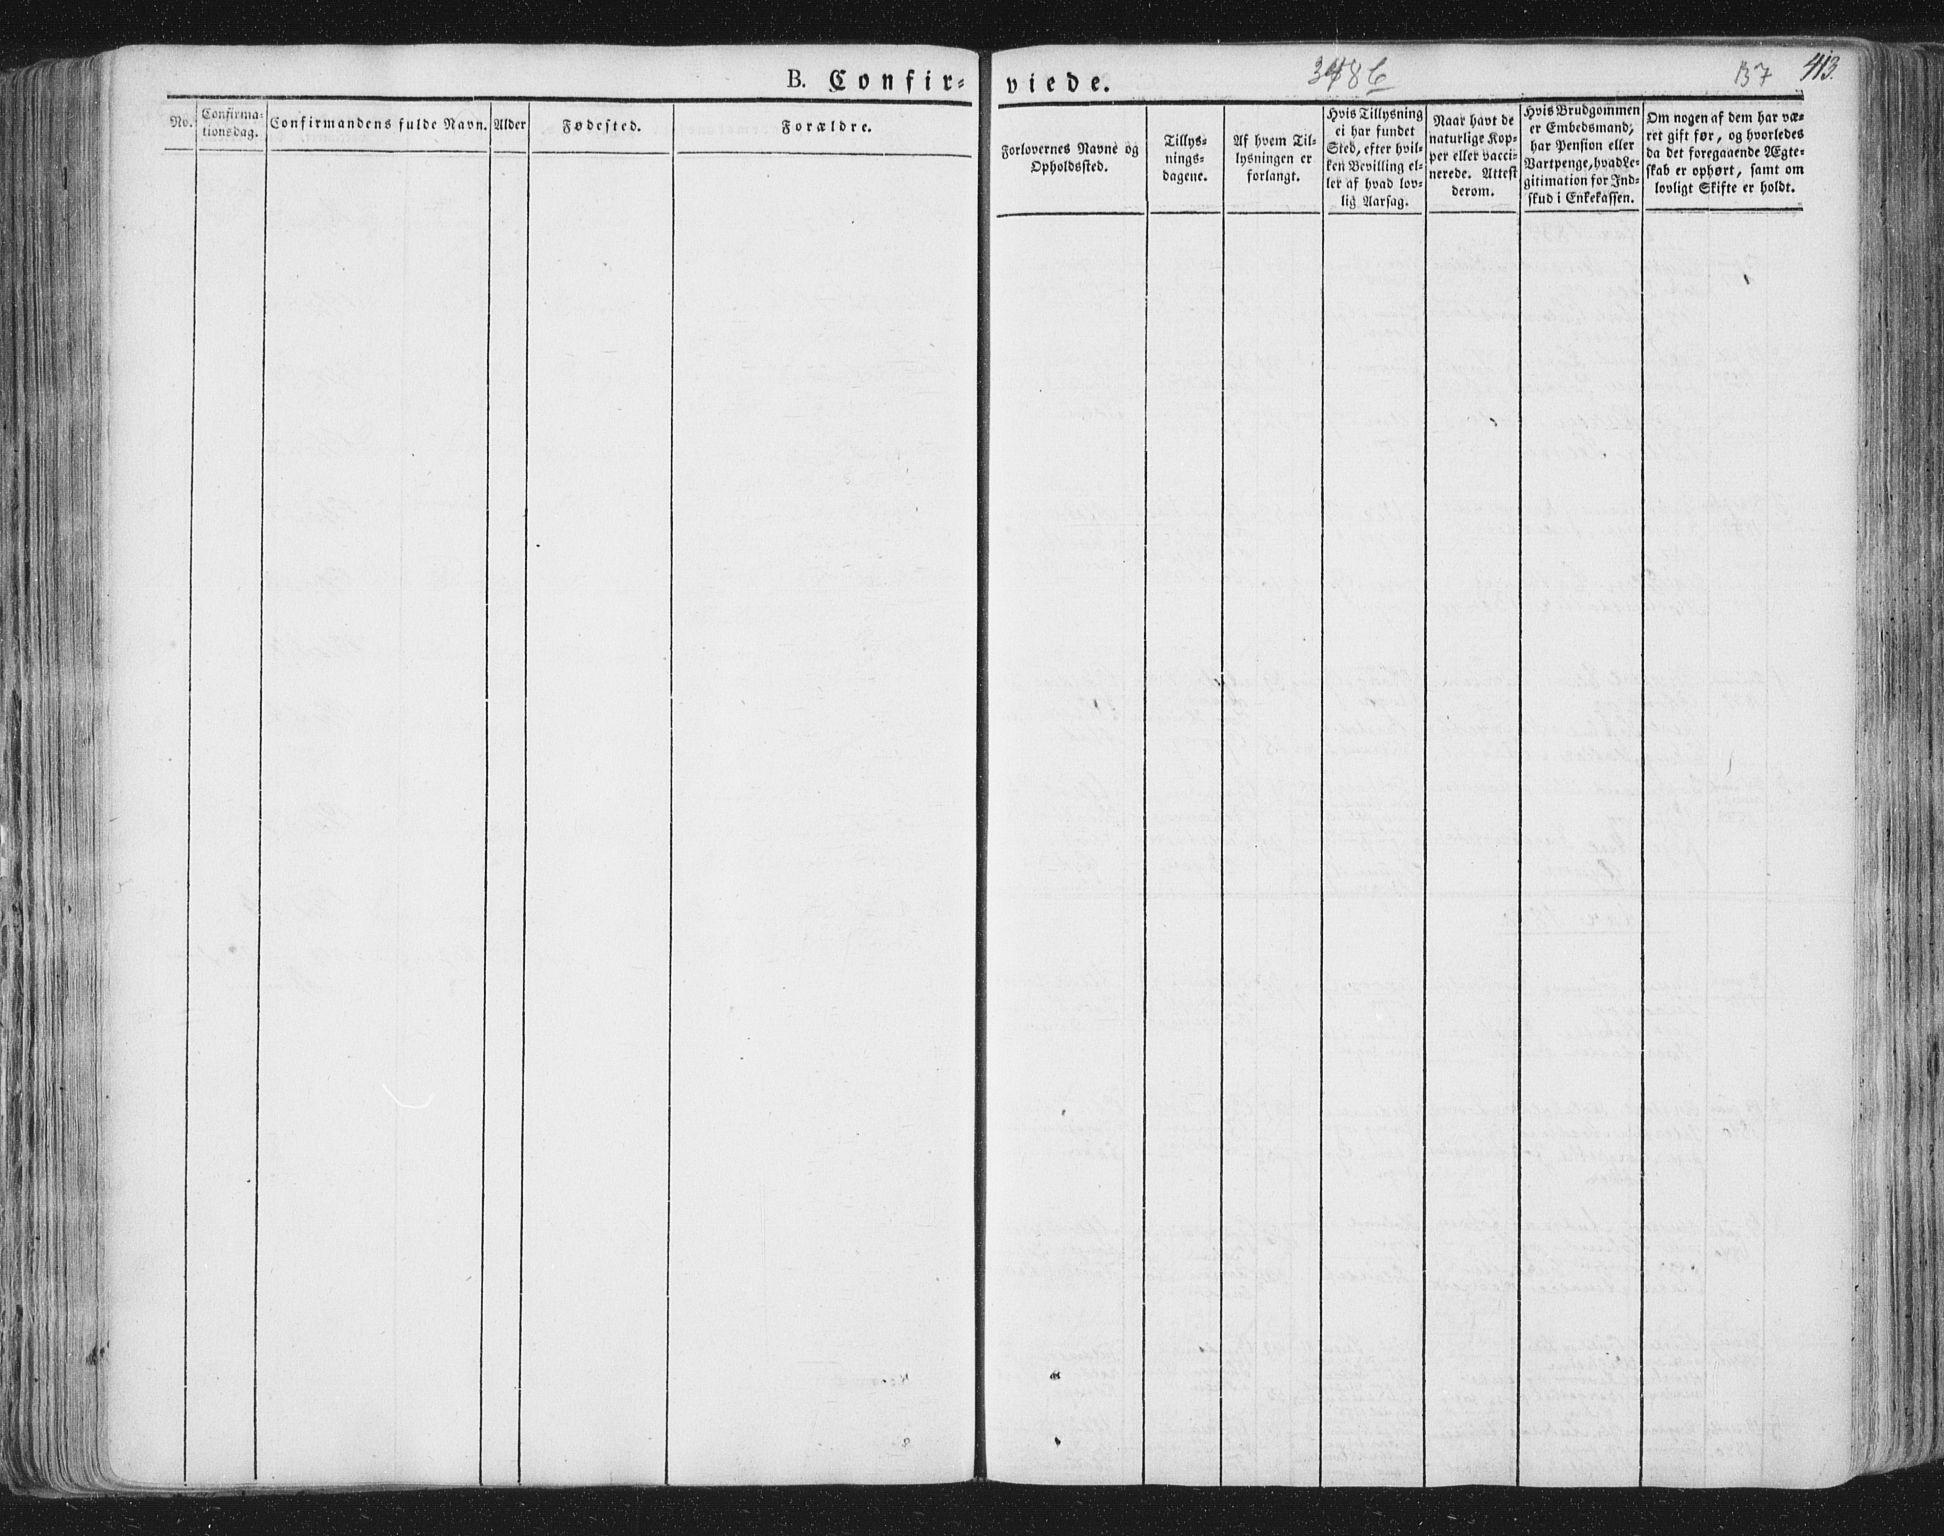 SAT, Ministerialprotokoller, klokkerbøker og fødselsregistre - Nord-Trøndelag, 758/L0513: Ministerialbok nr. 758A02 /1, 1839-1868, s. 137